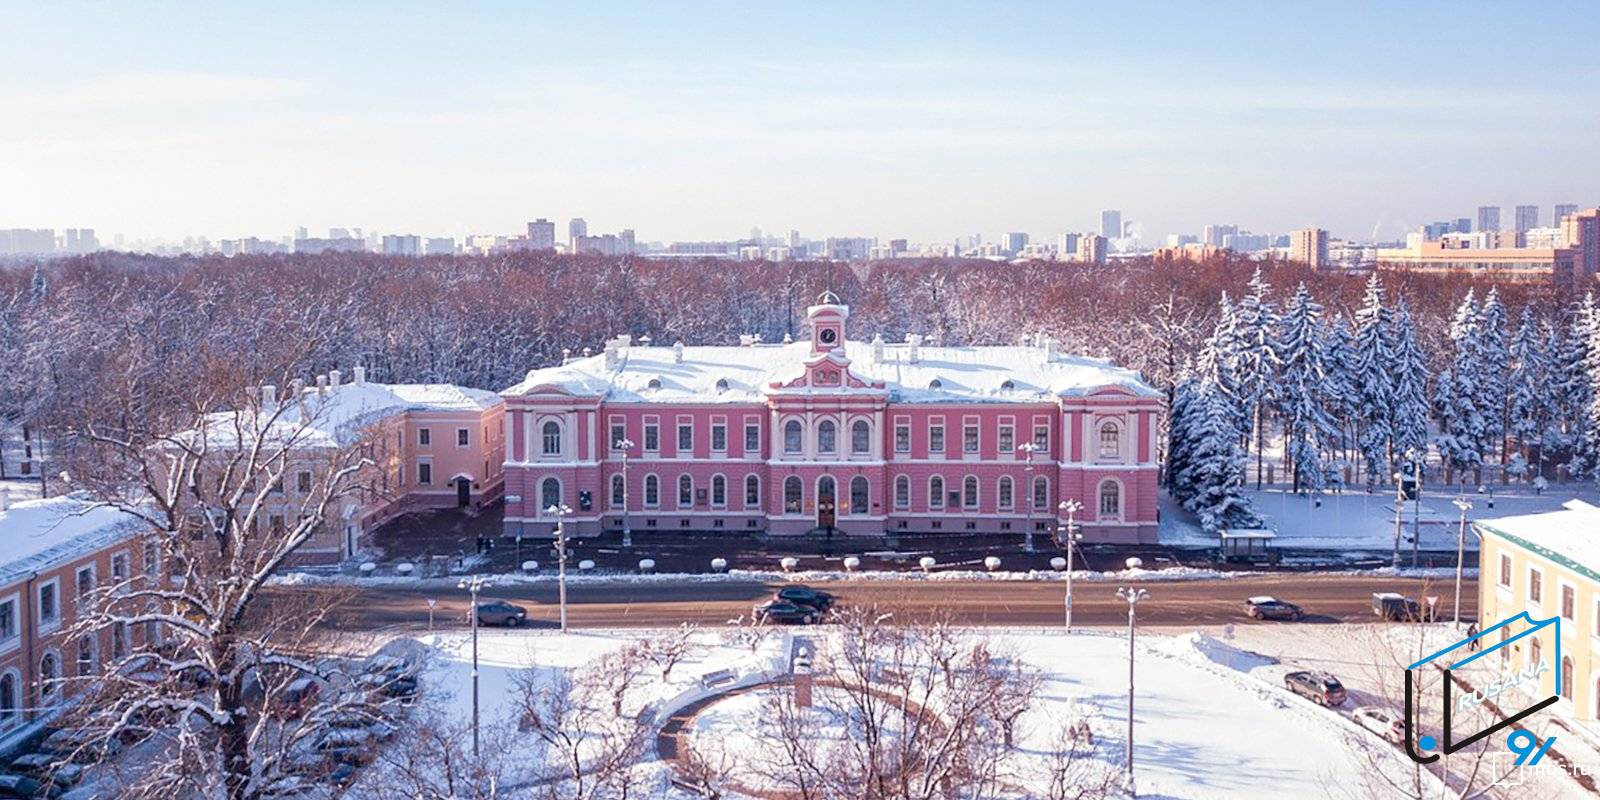 دانشگاه کشاورزی تیمیریازف روسیه